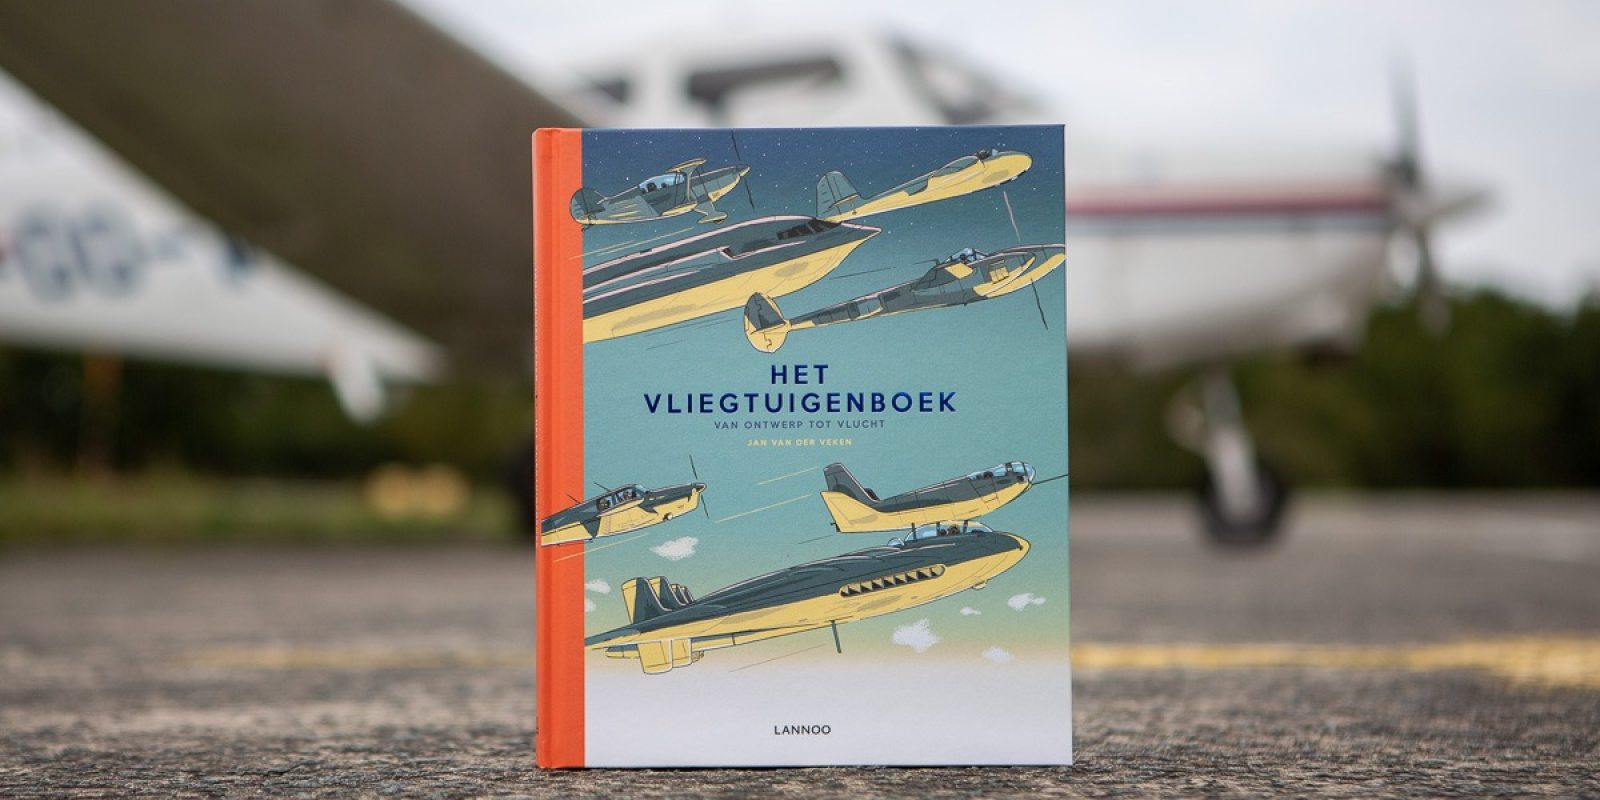 201908_HetVliegtuigenboek00_TBR